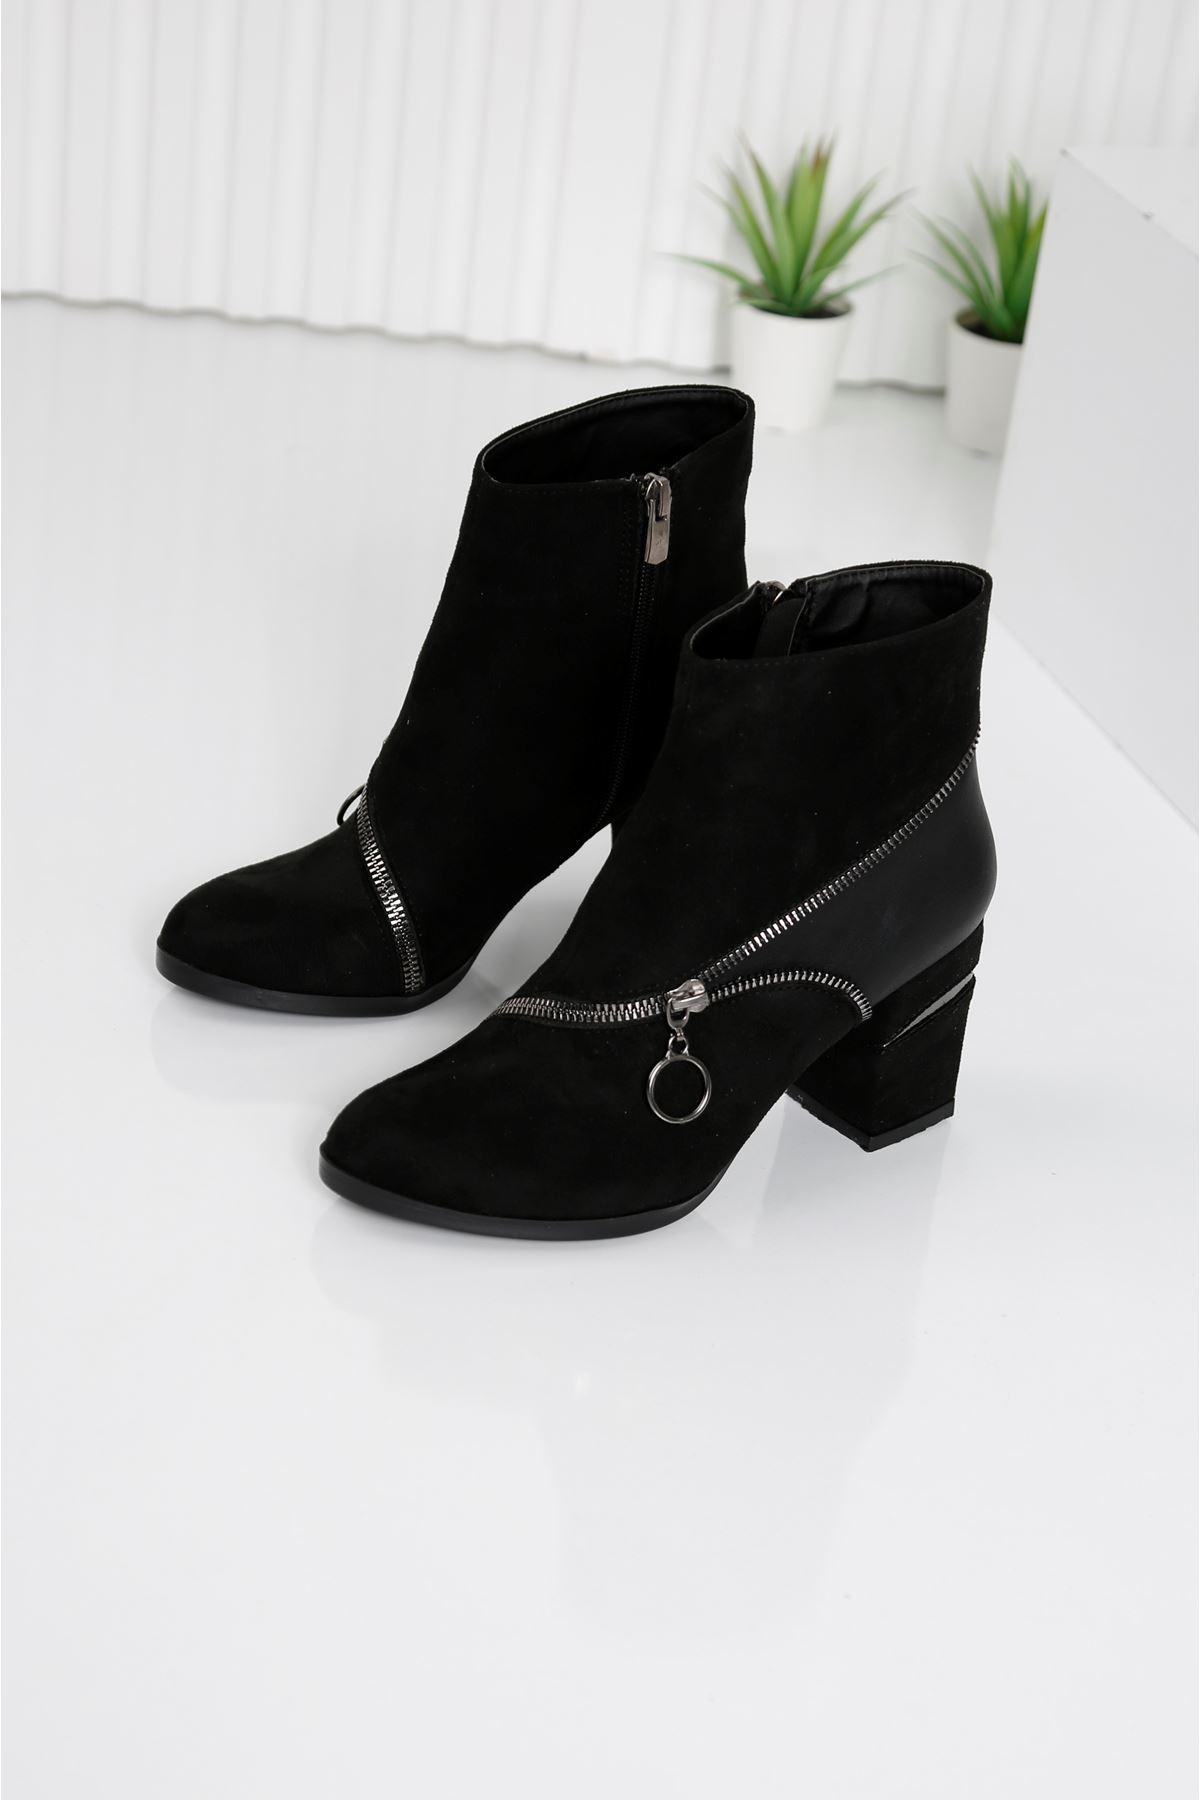 FINERY Siyah Topuklu Kadın Bot